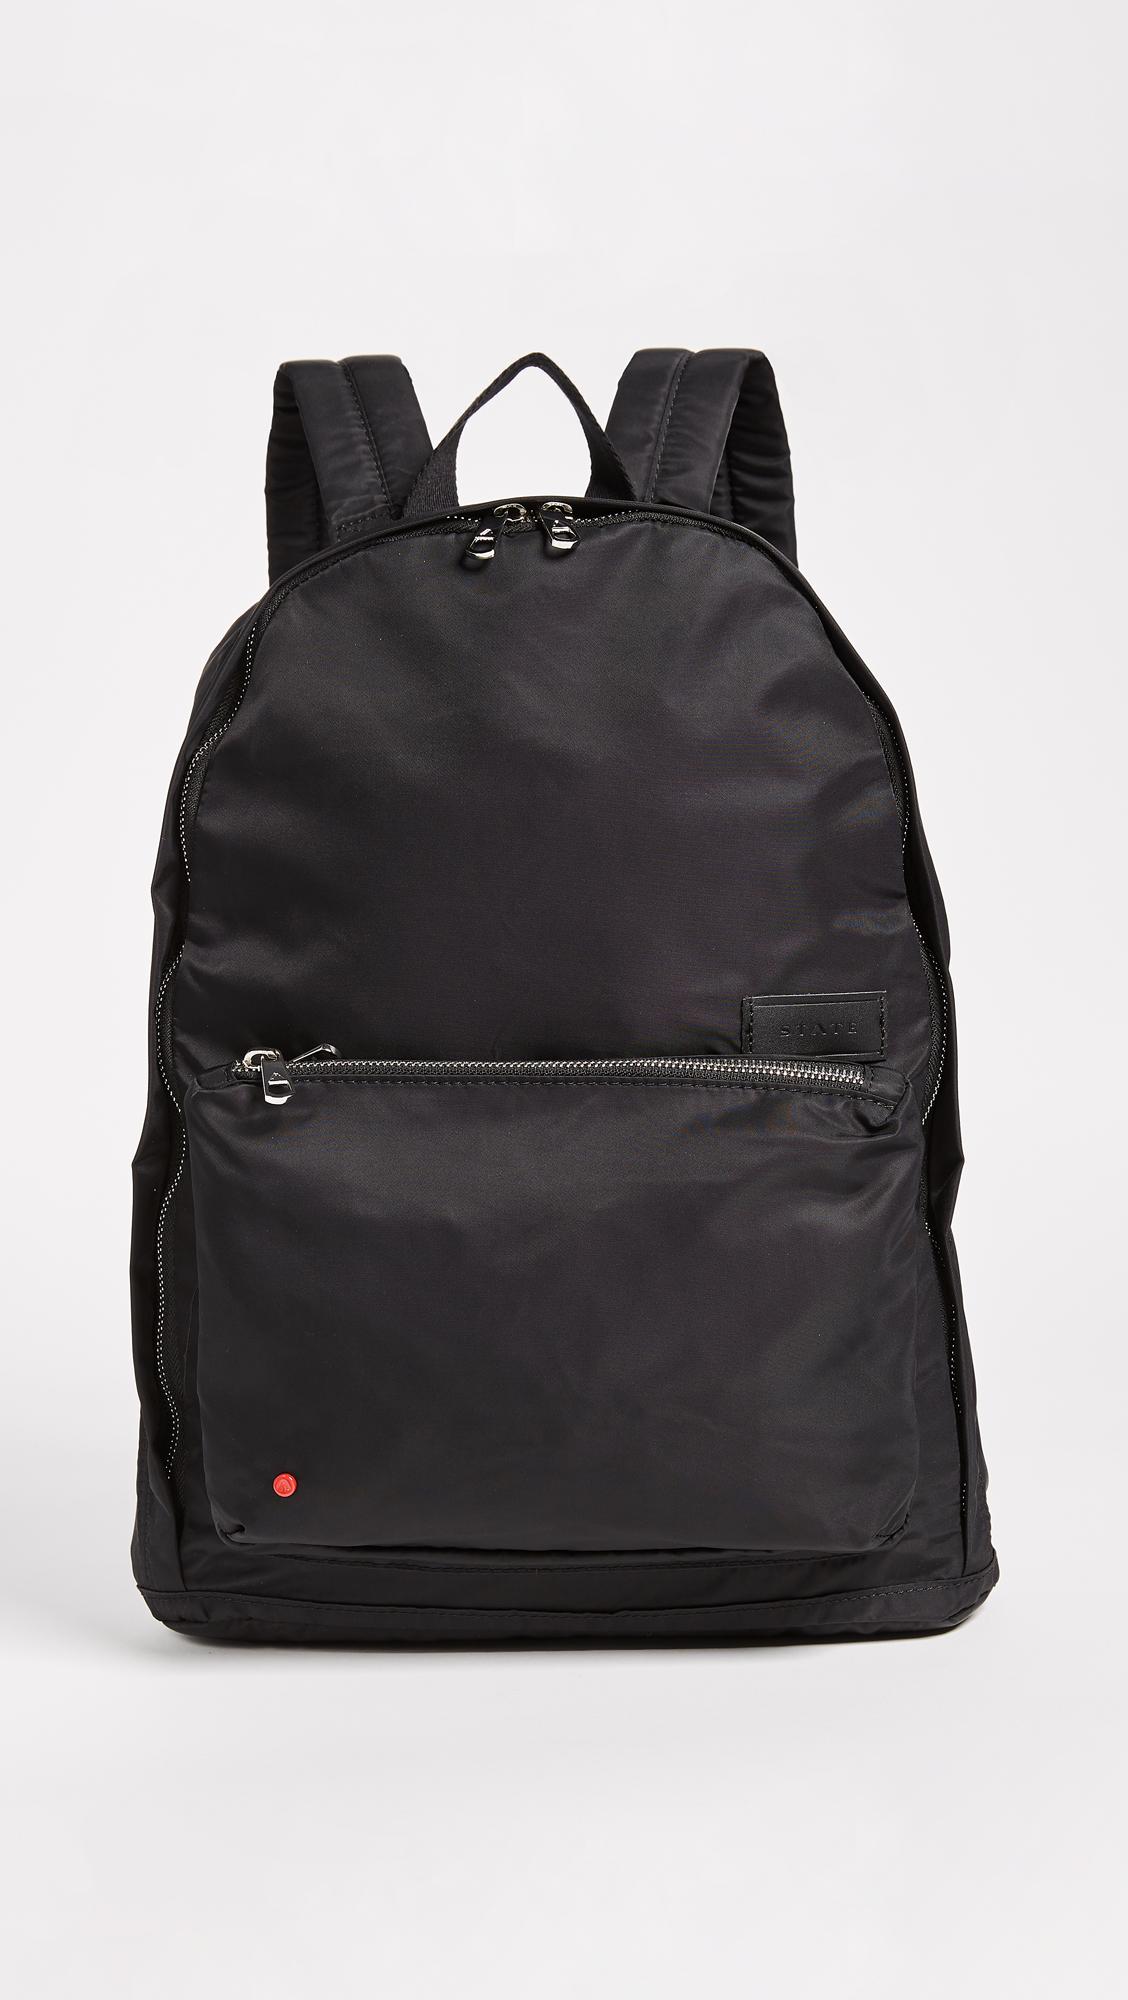 894dd5fde3d9 STATE Lorimer Backpack